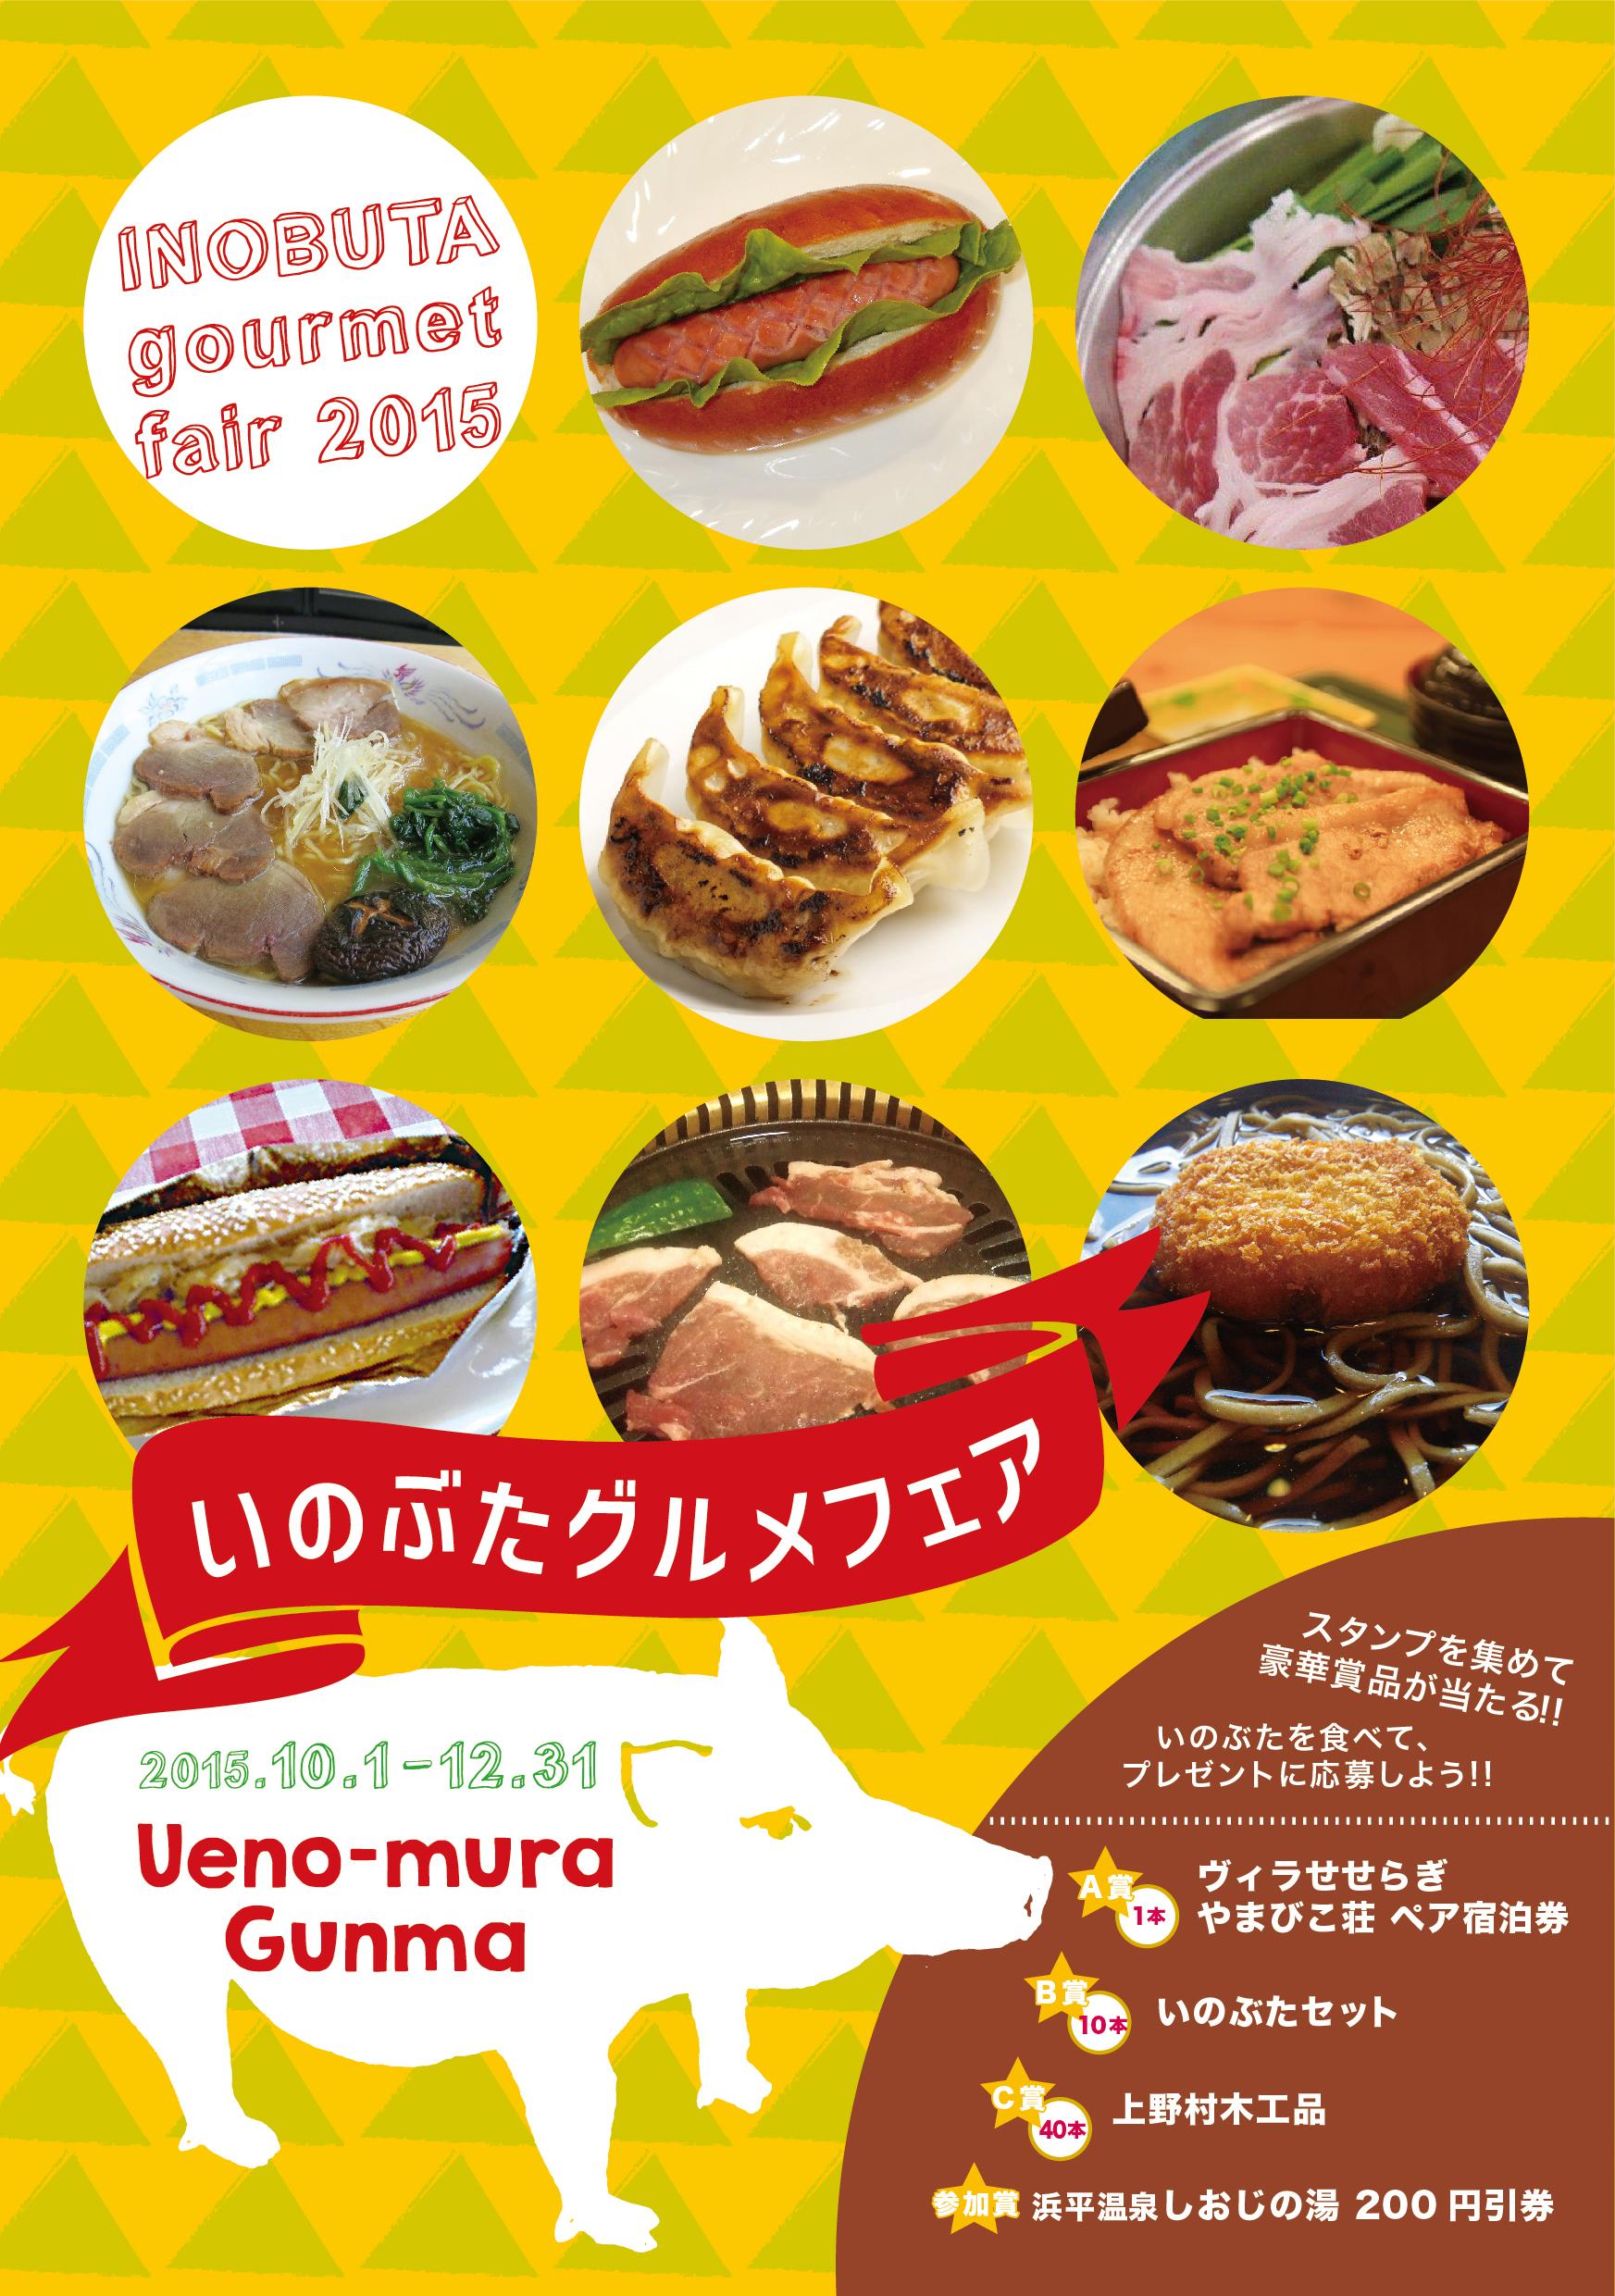 http://www.uenomura.ne.jp/blog/photonews2/inobuta_omote02.jpg